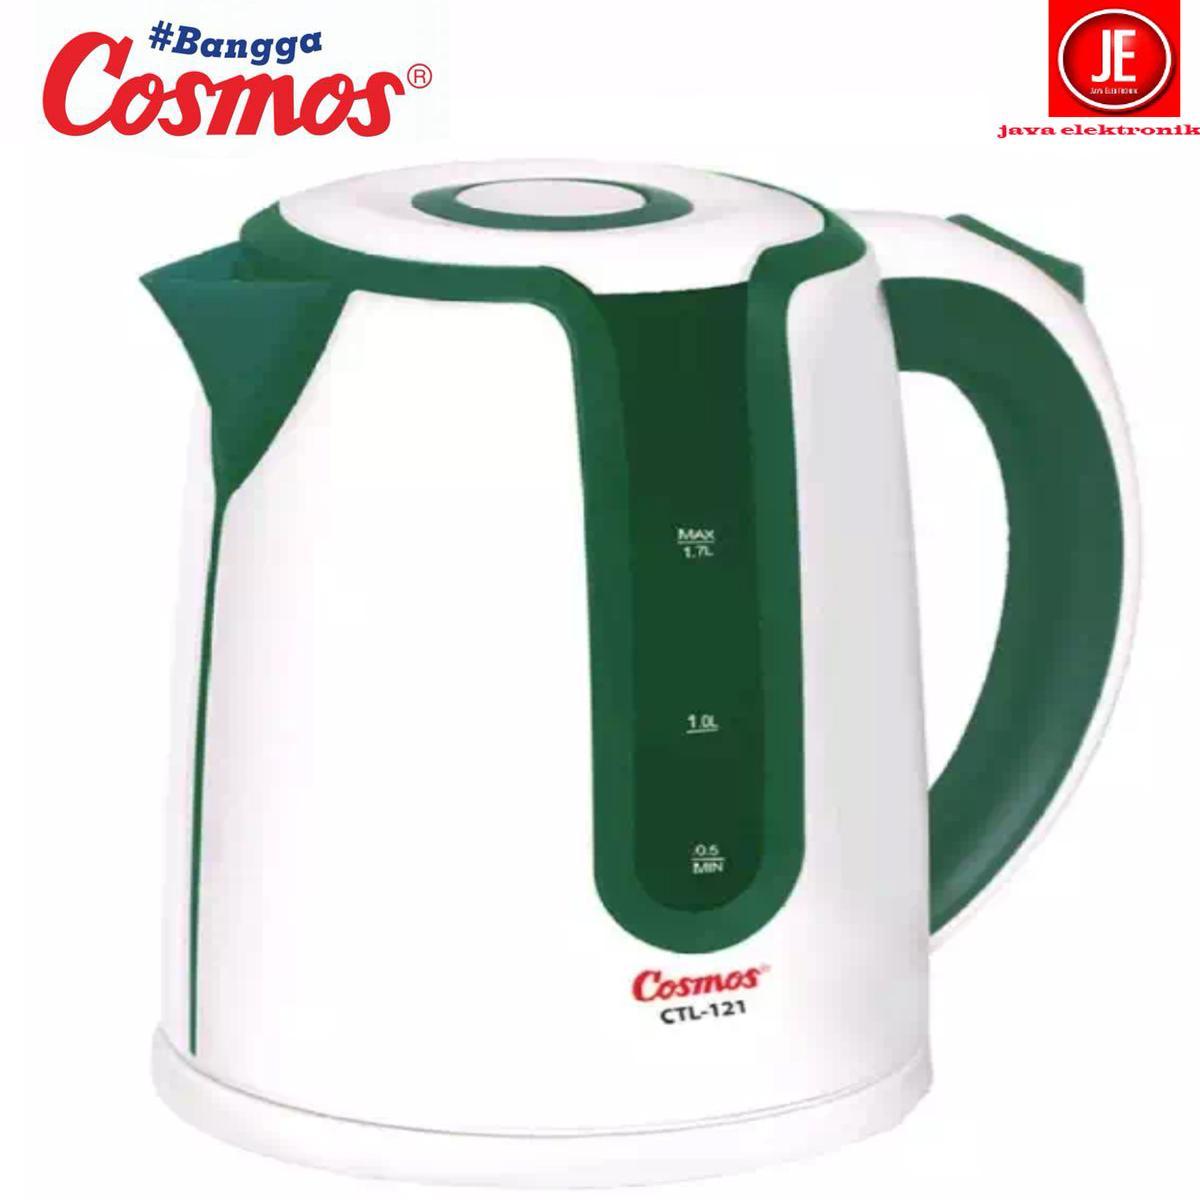 Cosmos Teko Listrik CTL 121 /kettle jar listrik/ketel garansi resmi